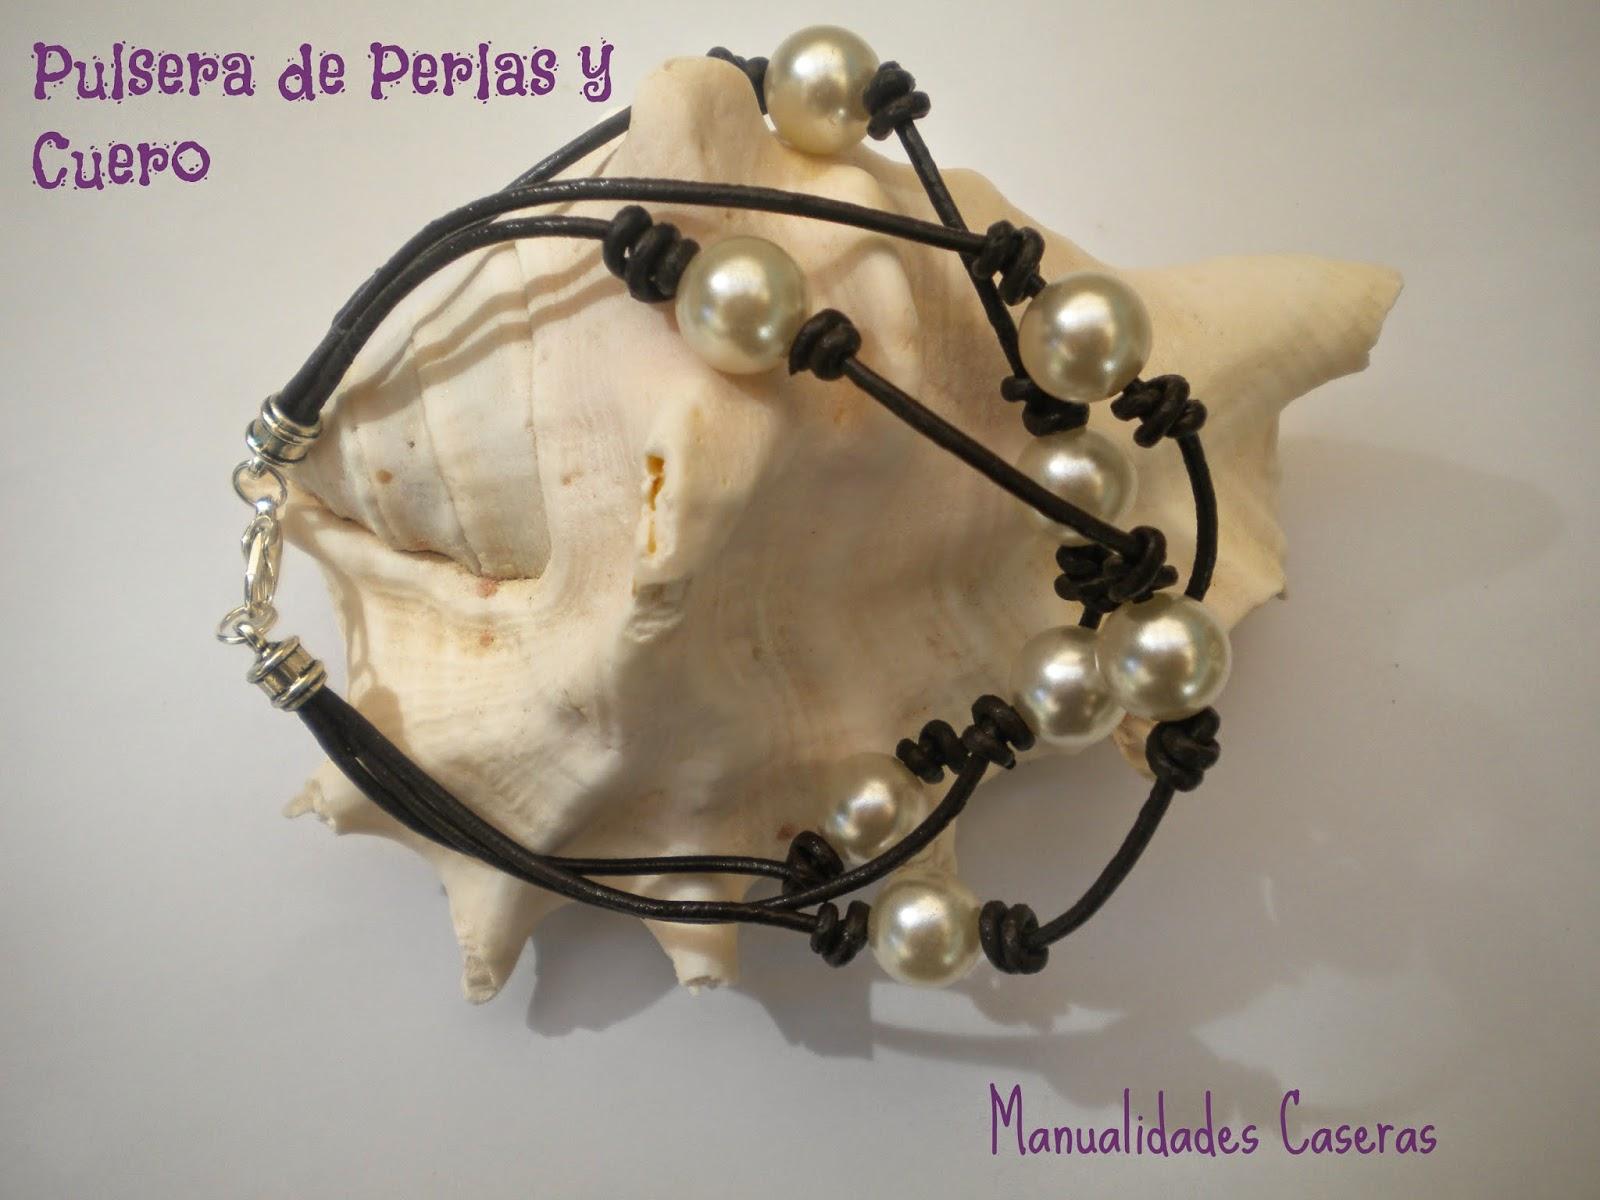 Pulsera De Cuero Y Perlas Manualidades Caseras Inma - Pulseras-de-cuero-originales